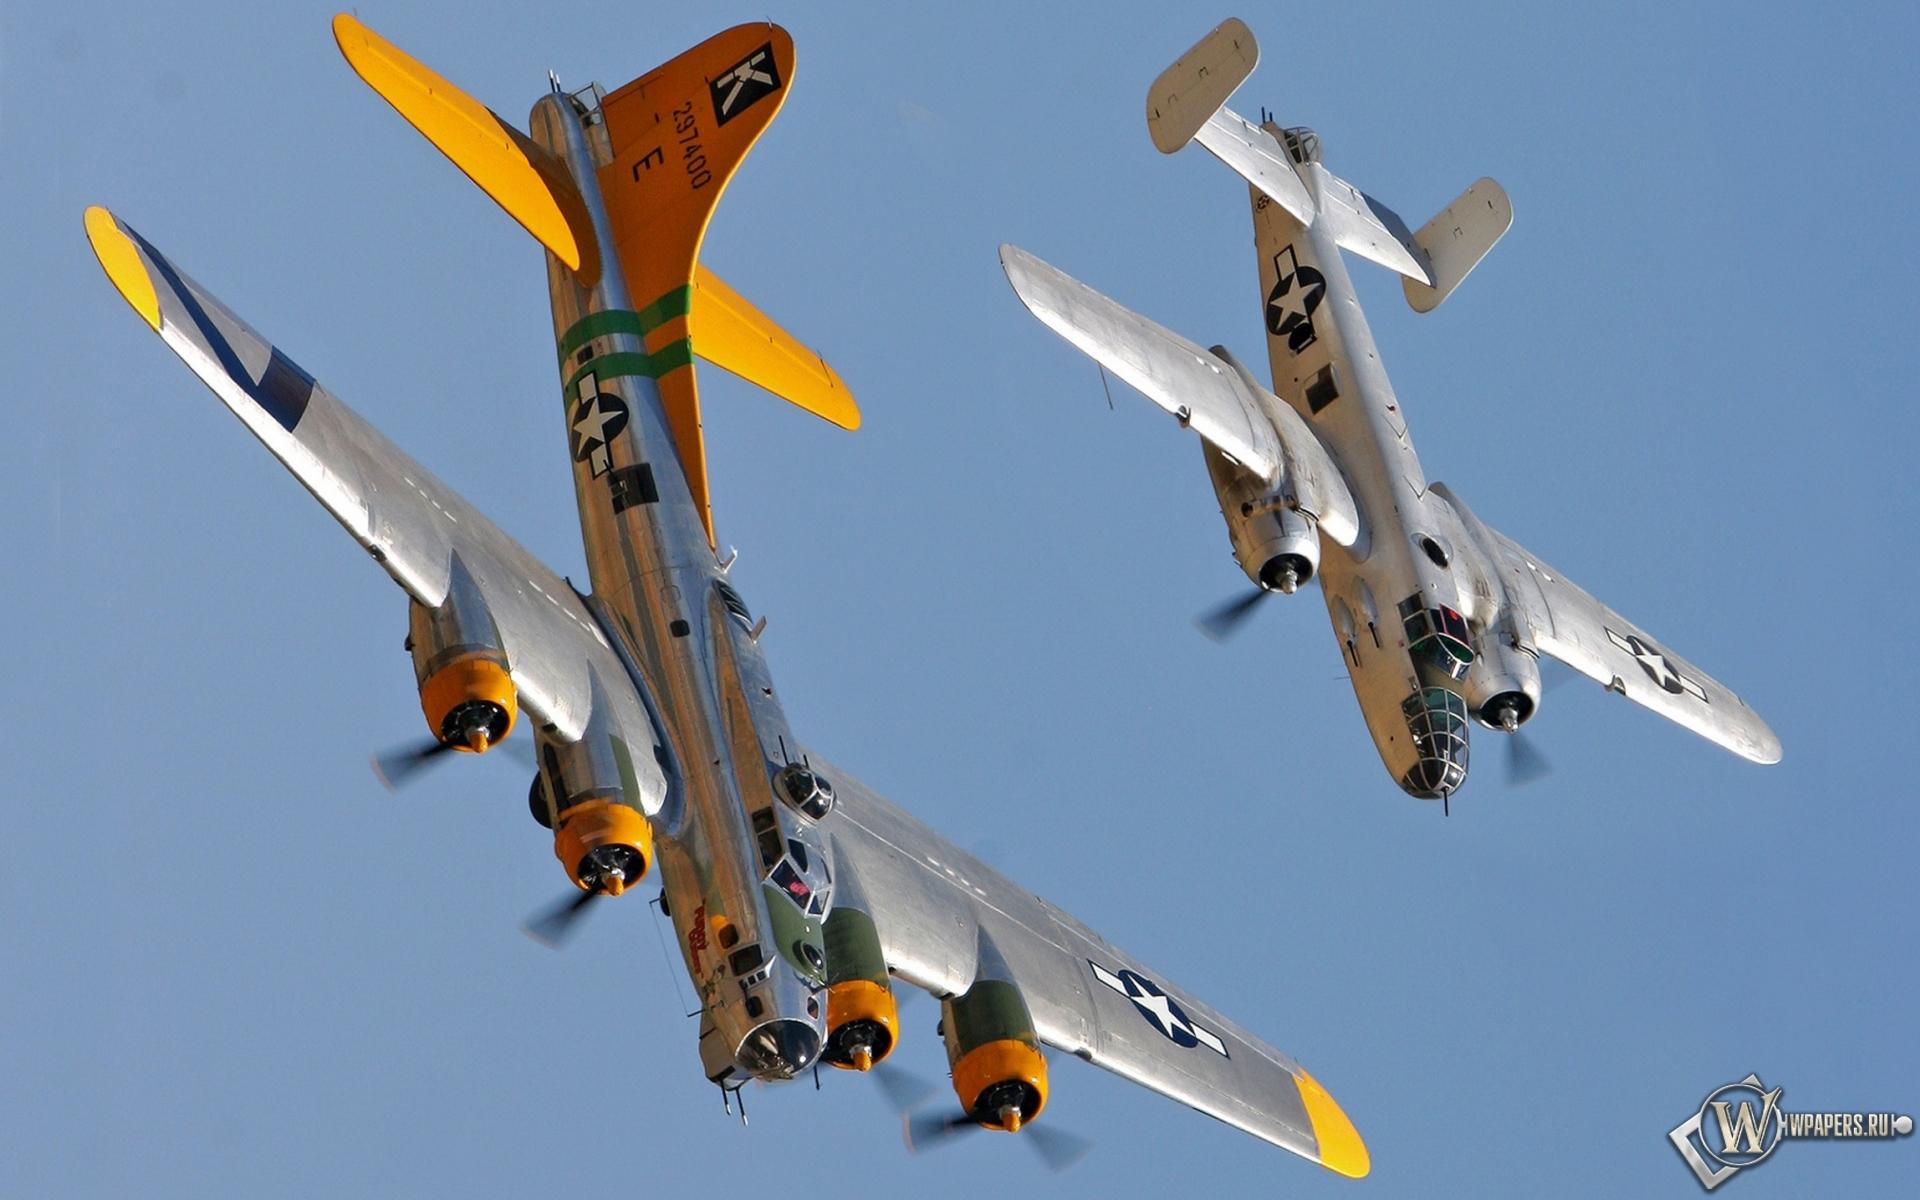 Самолеты обои на рабочий стол 1920х1080 2